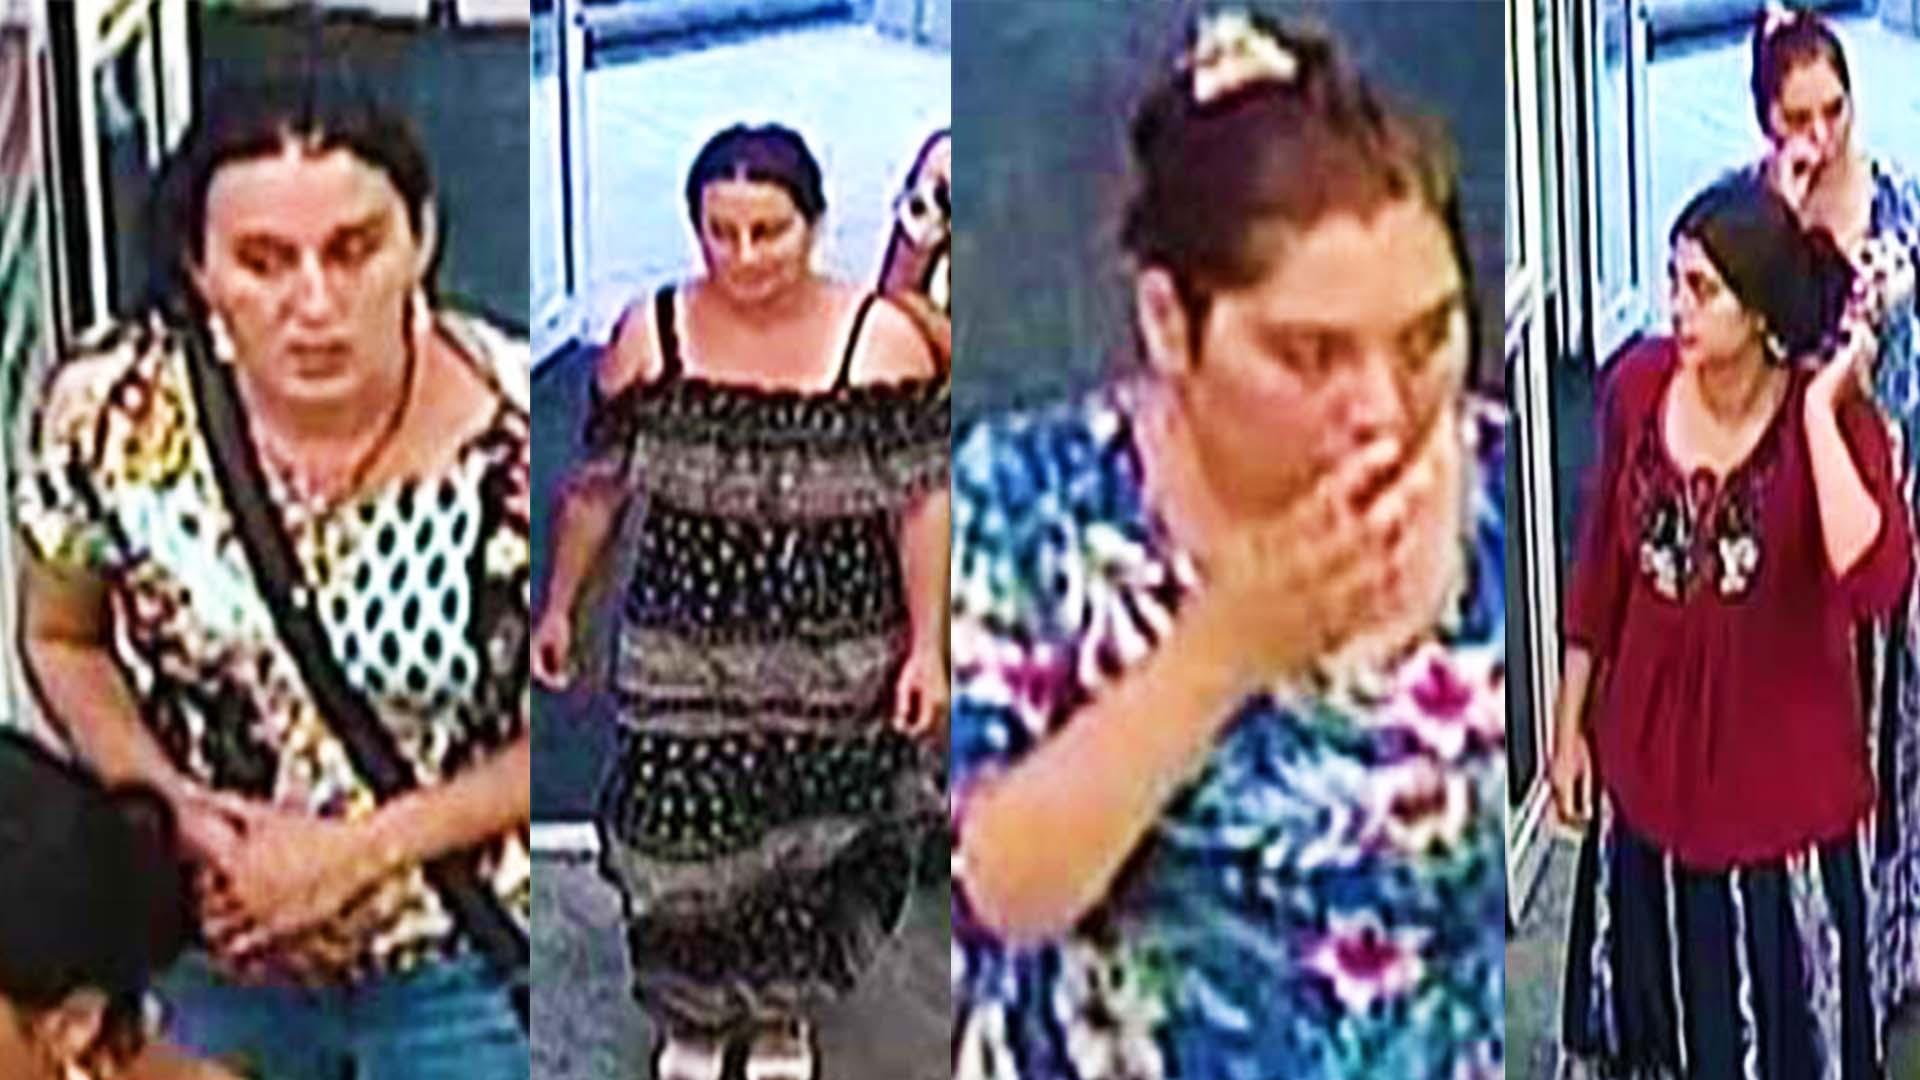 CVS Makeup Heist Suspects